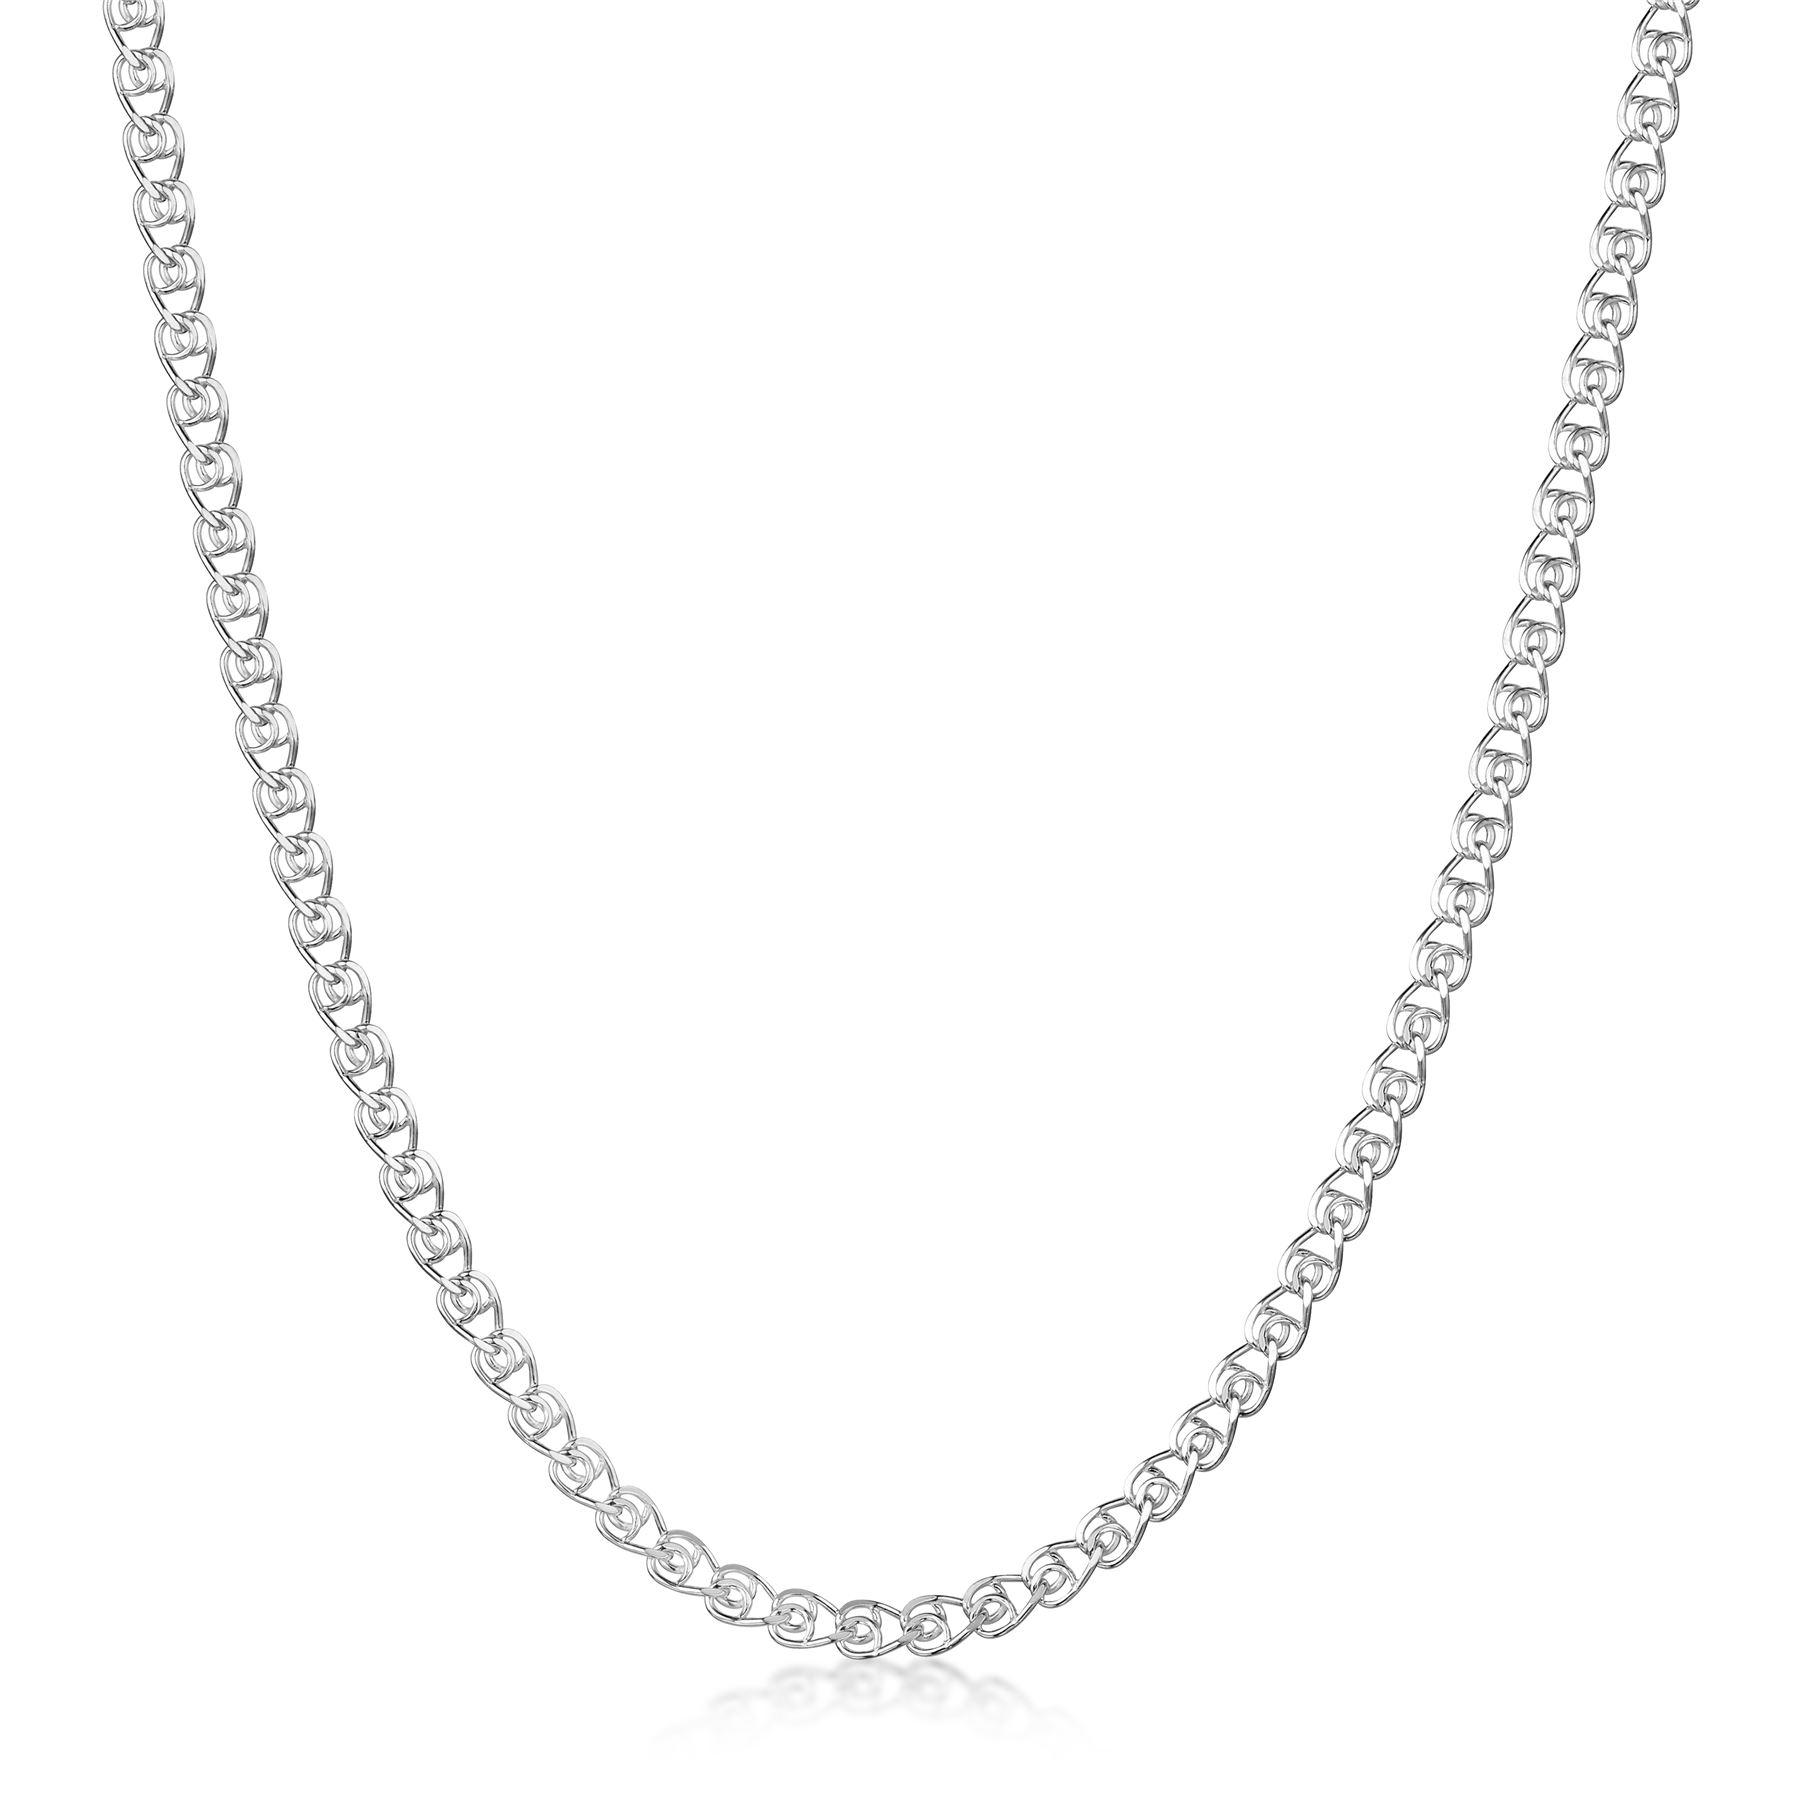 Amberta-Collar-en-Plata-De-Ley-925-Autentica-Cadena-para-Mujer-y-Hombre-Italiana miniatura 102